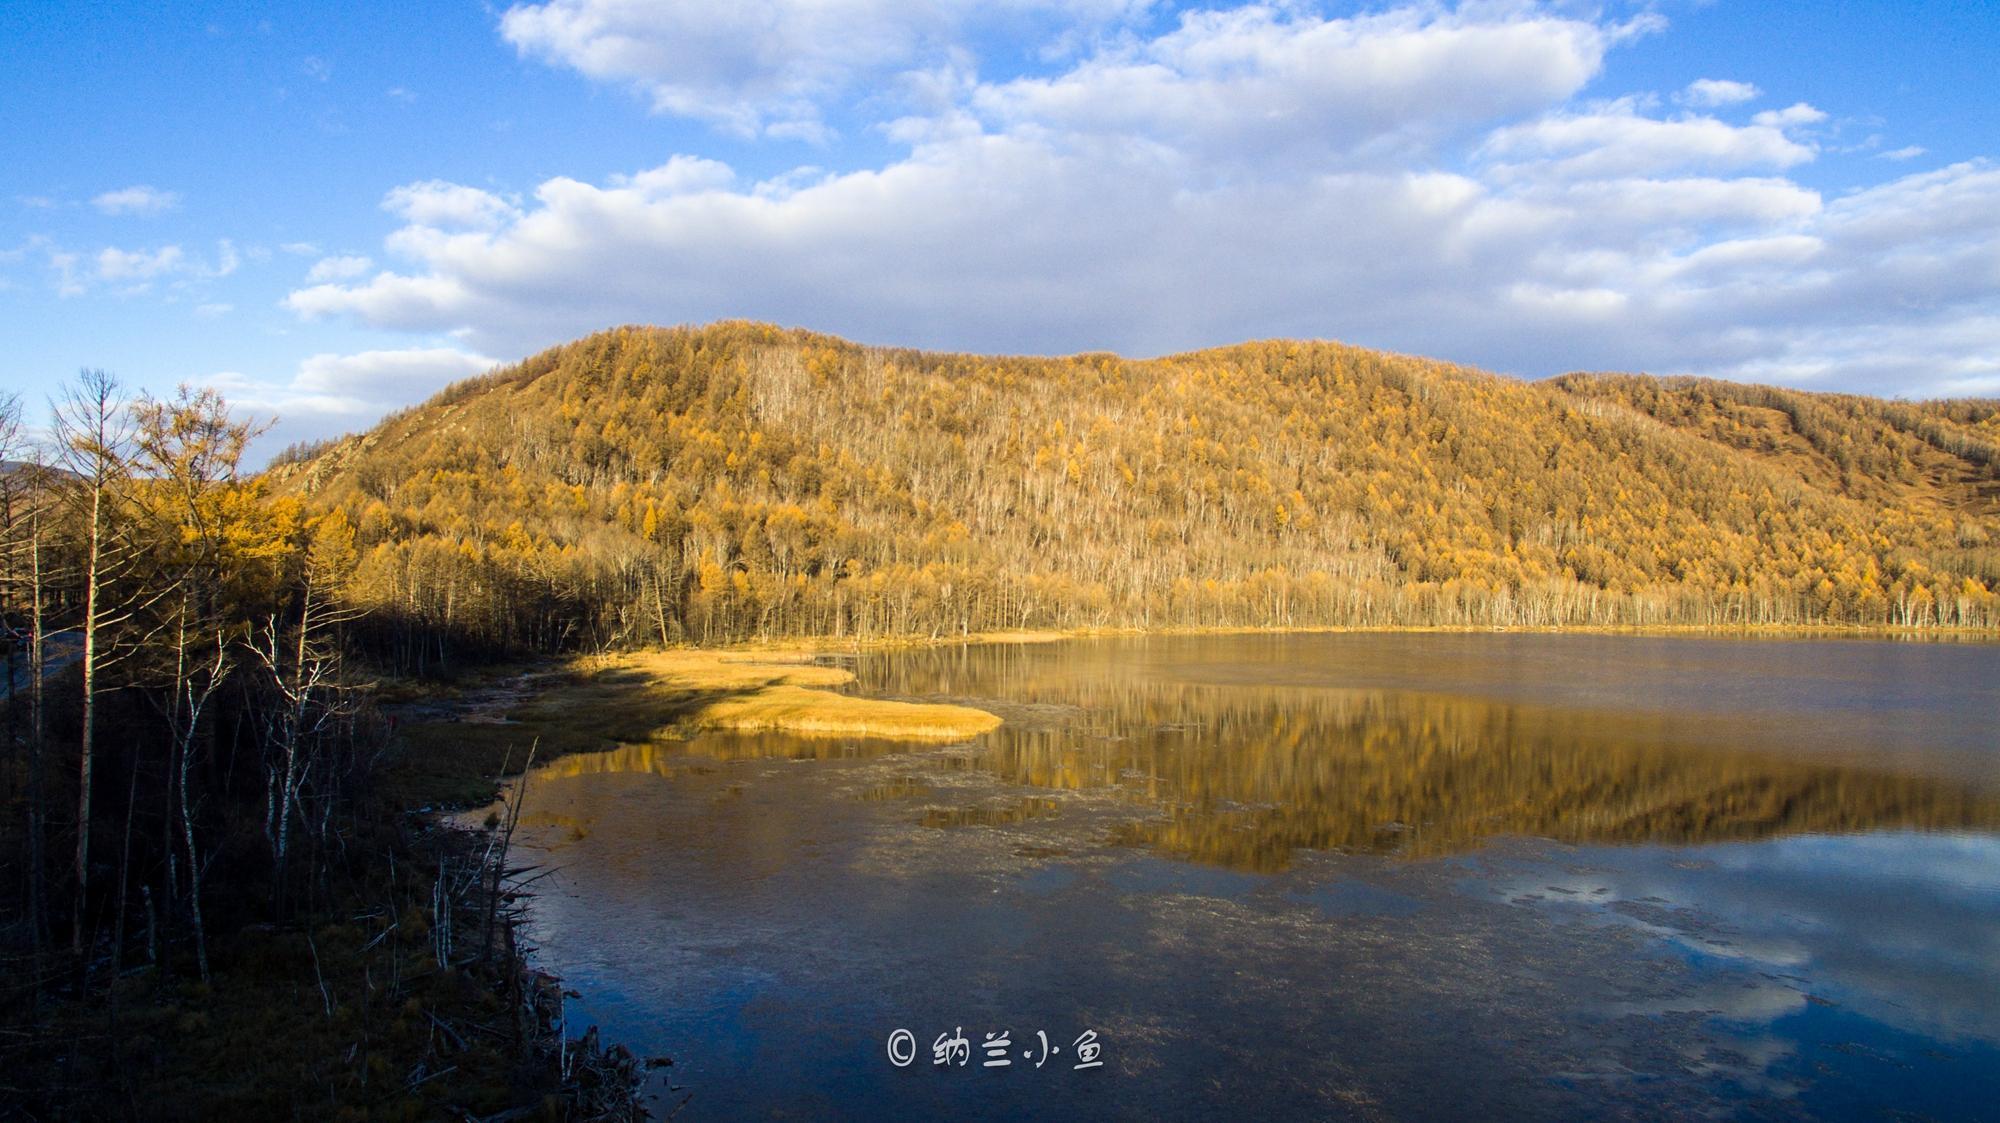 未解之谜: 阿尔山天池群 没有入口也没有出口 为何常年水位不变?